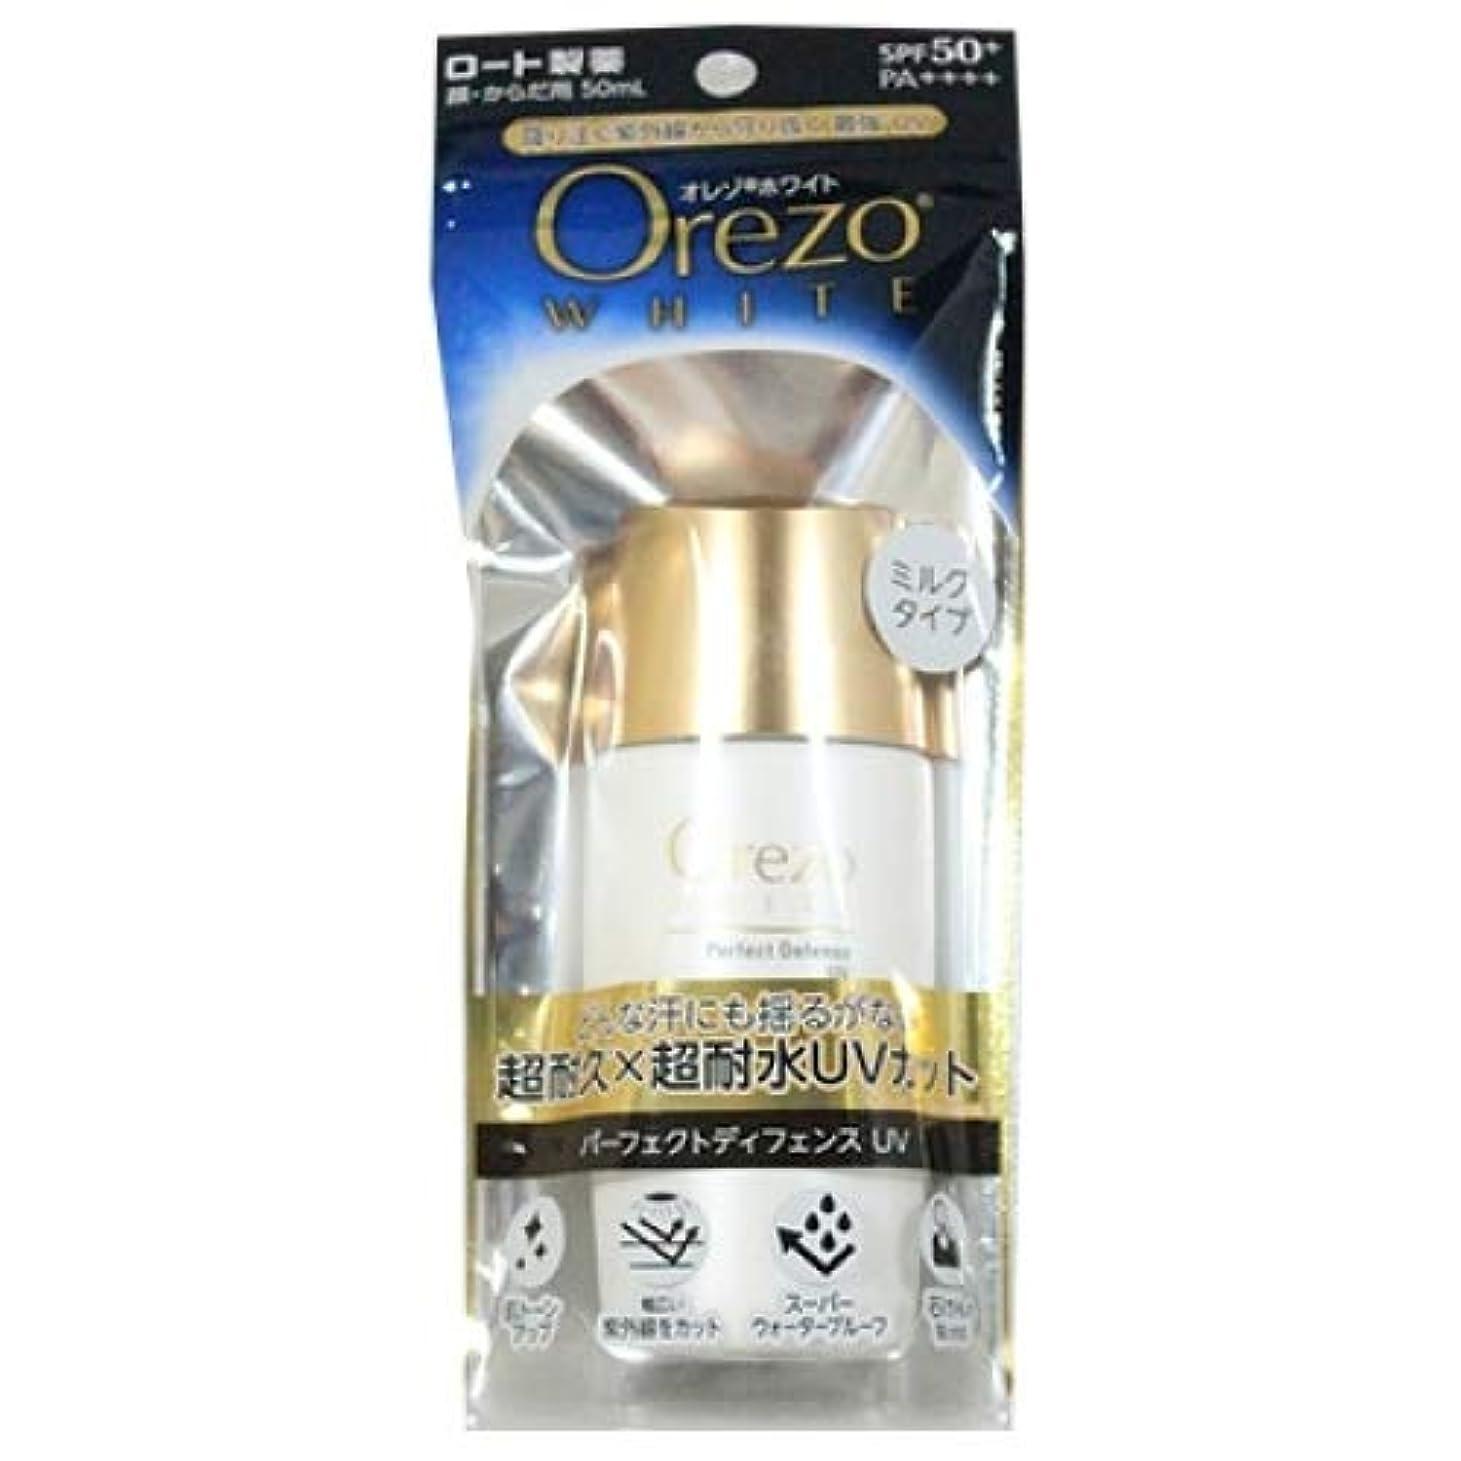 衰えるノベルティ愛人ロート製薬 Orezo オレゾ ホワイト パーフェクトディフェンスUVa SPF50+ PA++++ (50mL)